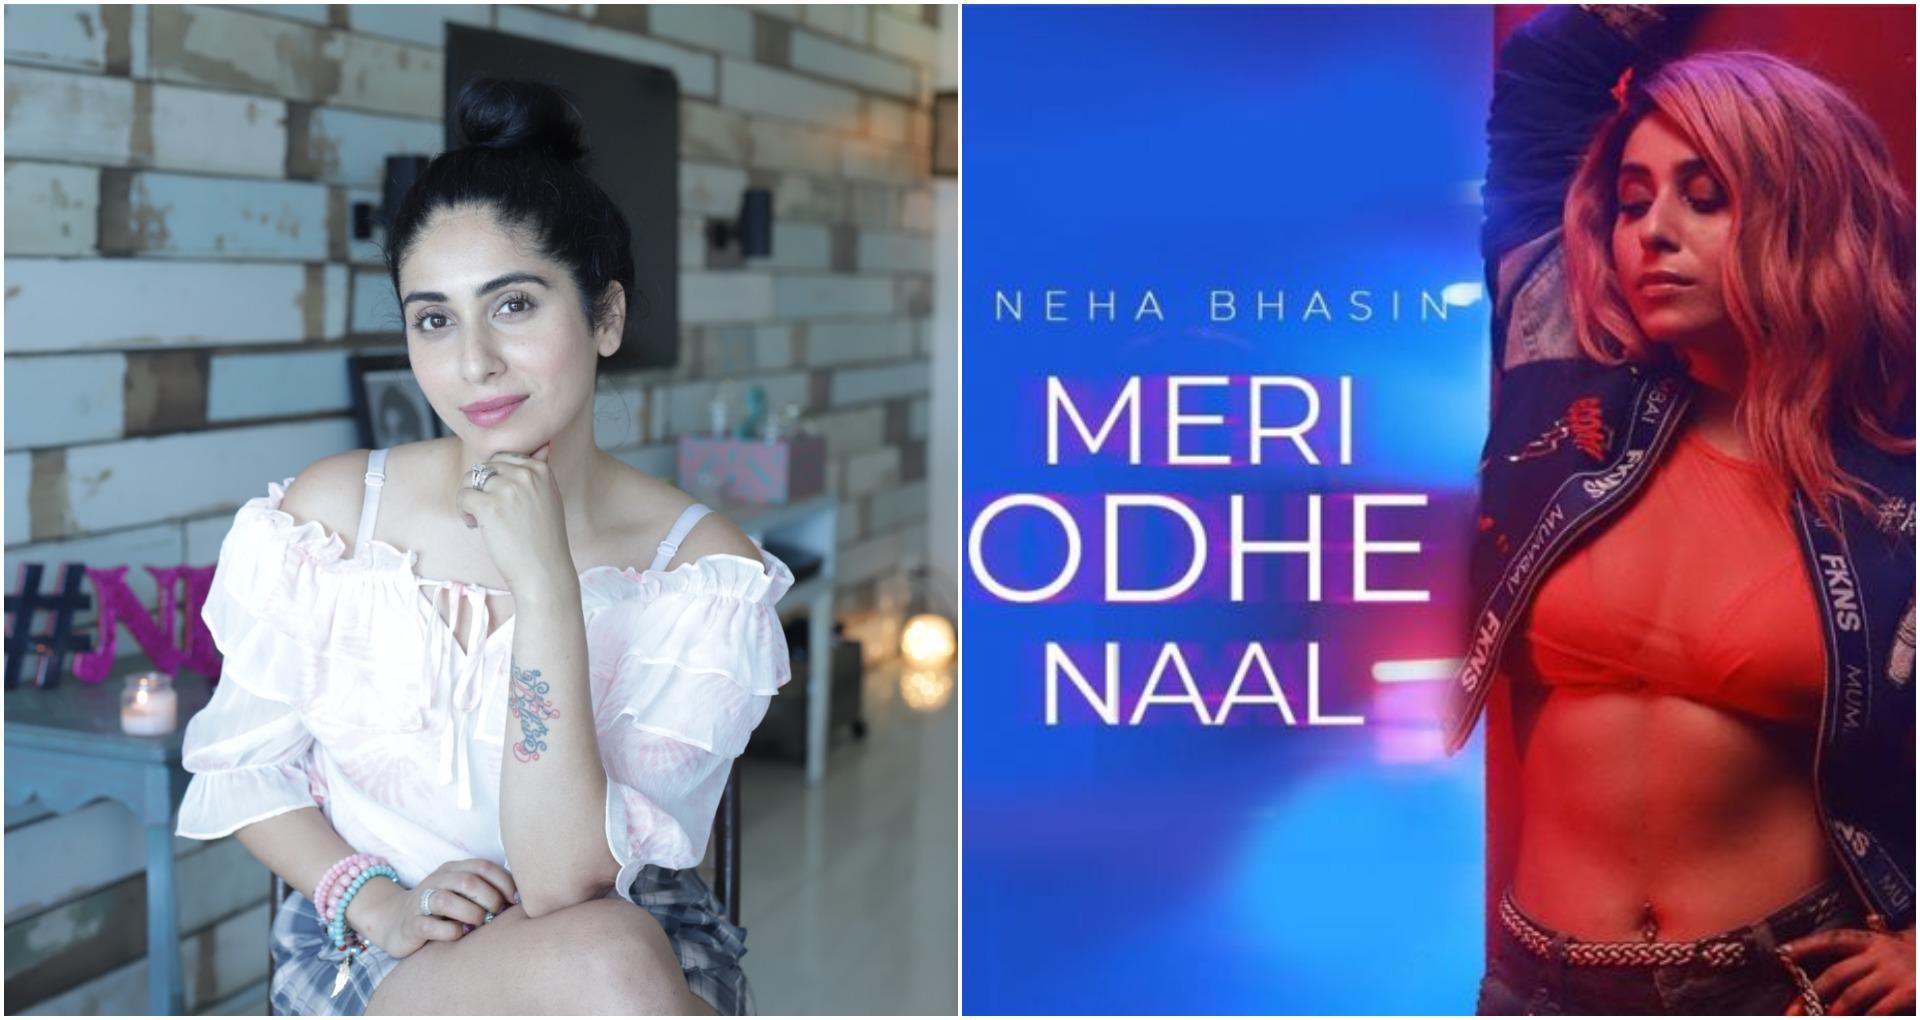 एक्सक्लूसिव: नेहा भसीन ने मनायामेरी ओढ़े नाल सॉन्ग की सफलता का जश्न, जाहिर की अपनी दो बड़ी ख्वाहिश, वीडियो